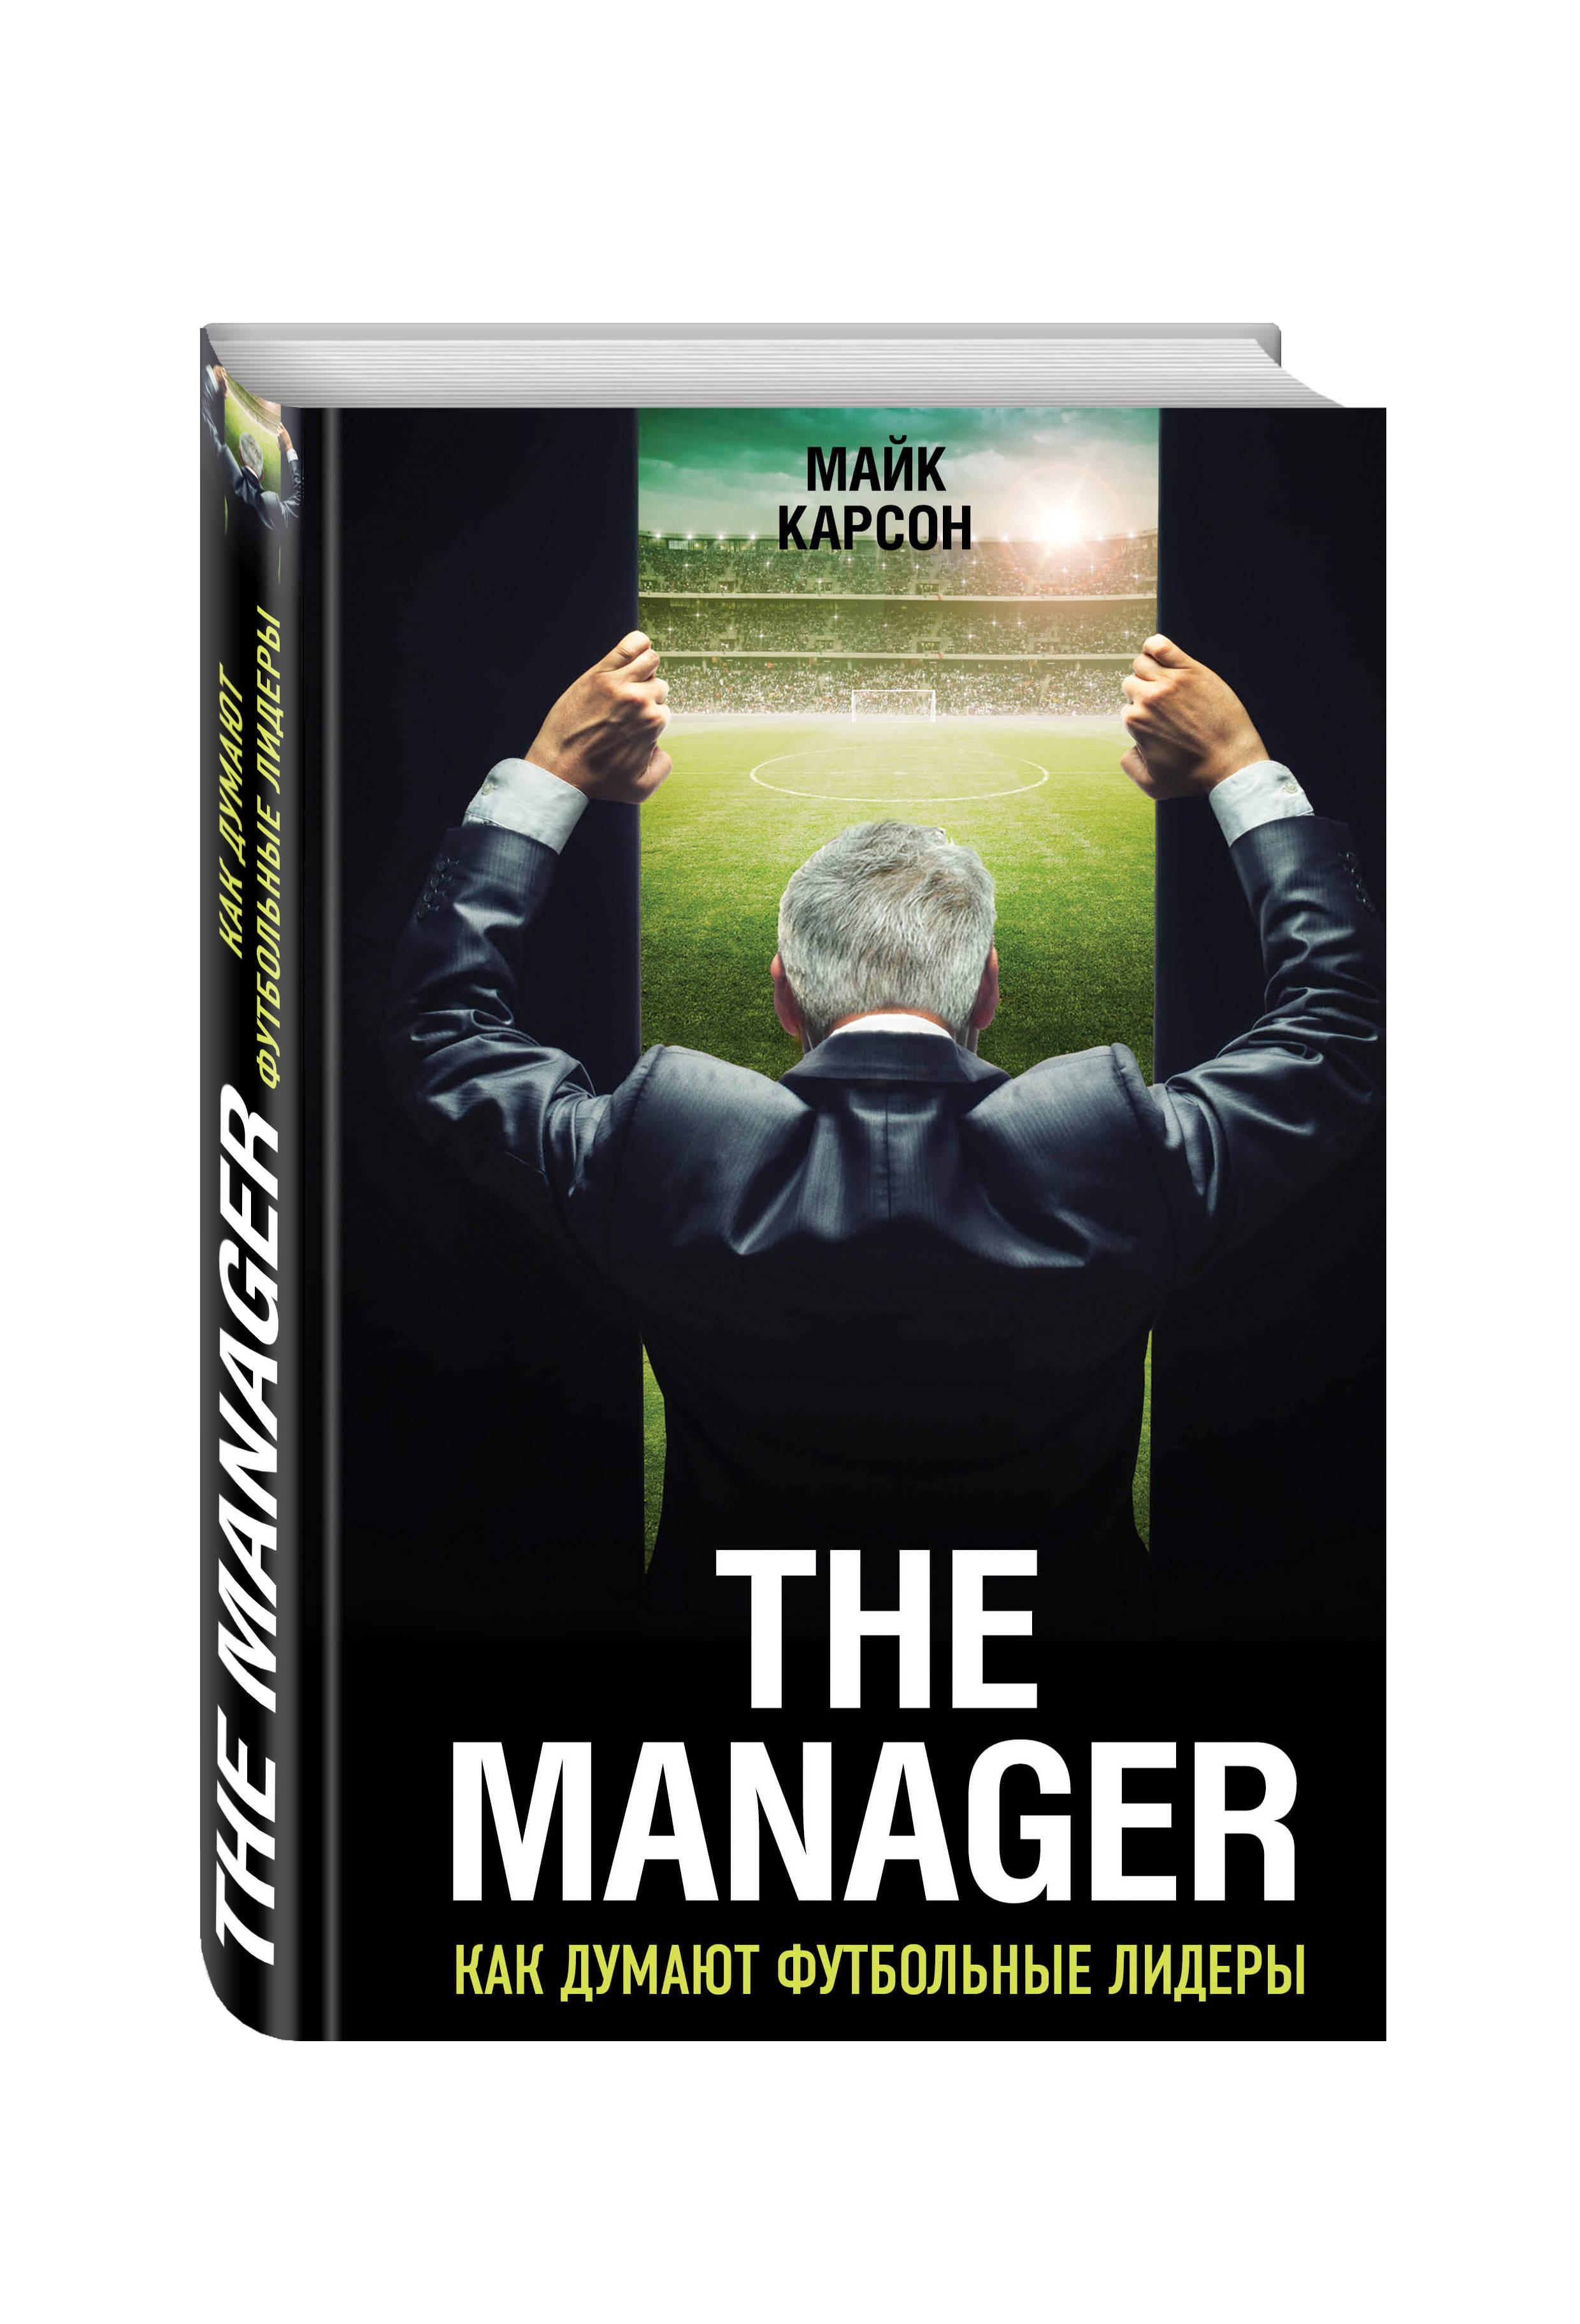 Майк Карсон The Manager. Как думают футбольные лидеры (2-е изд., испр.)